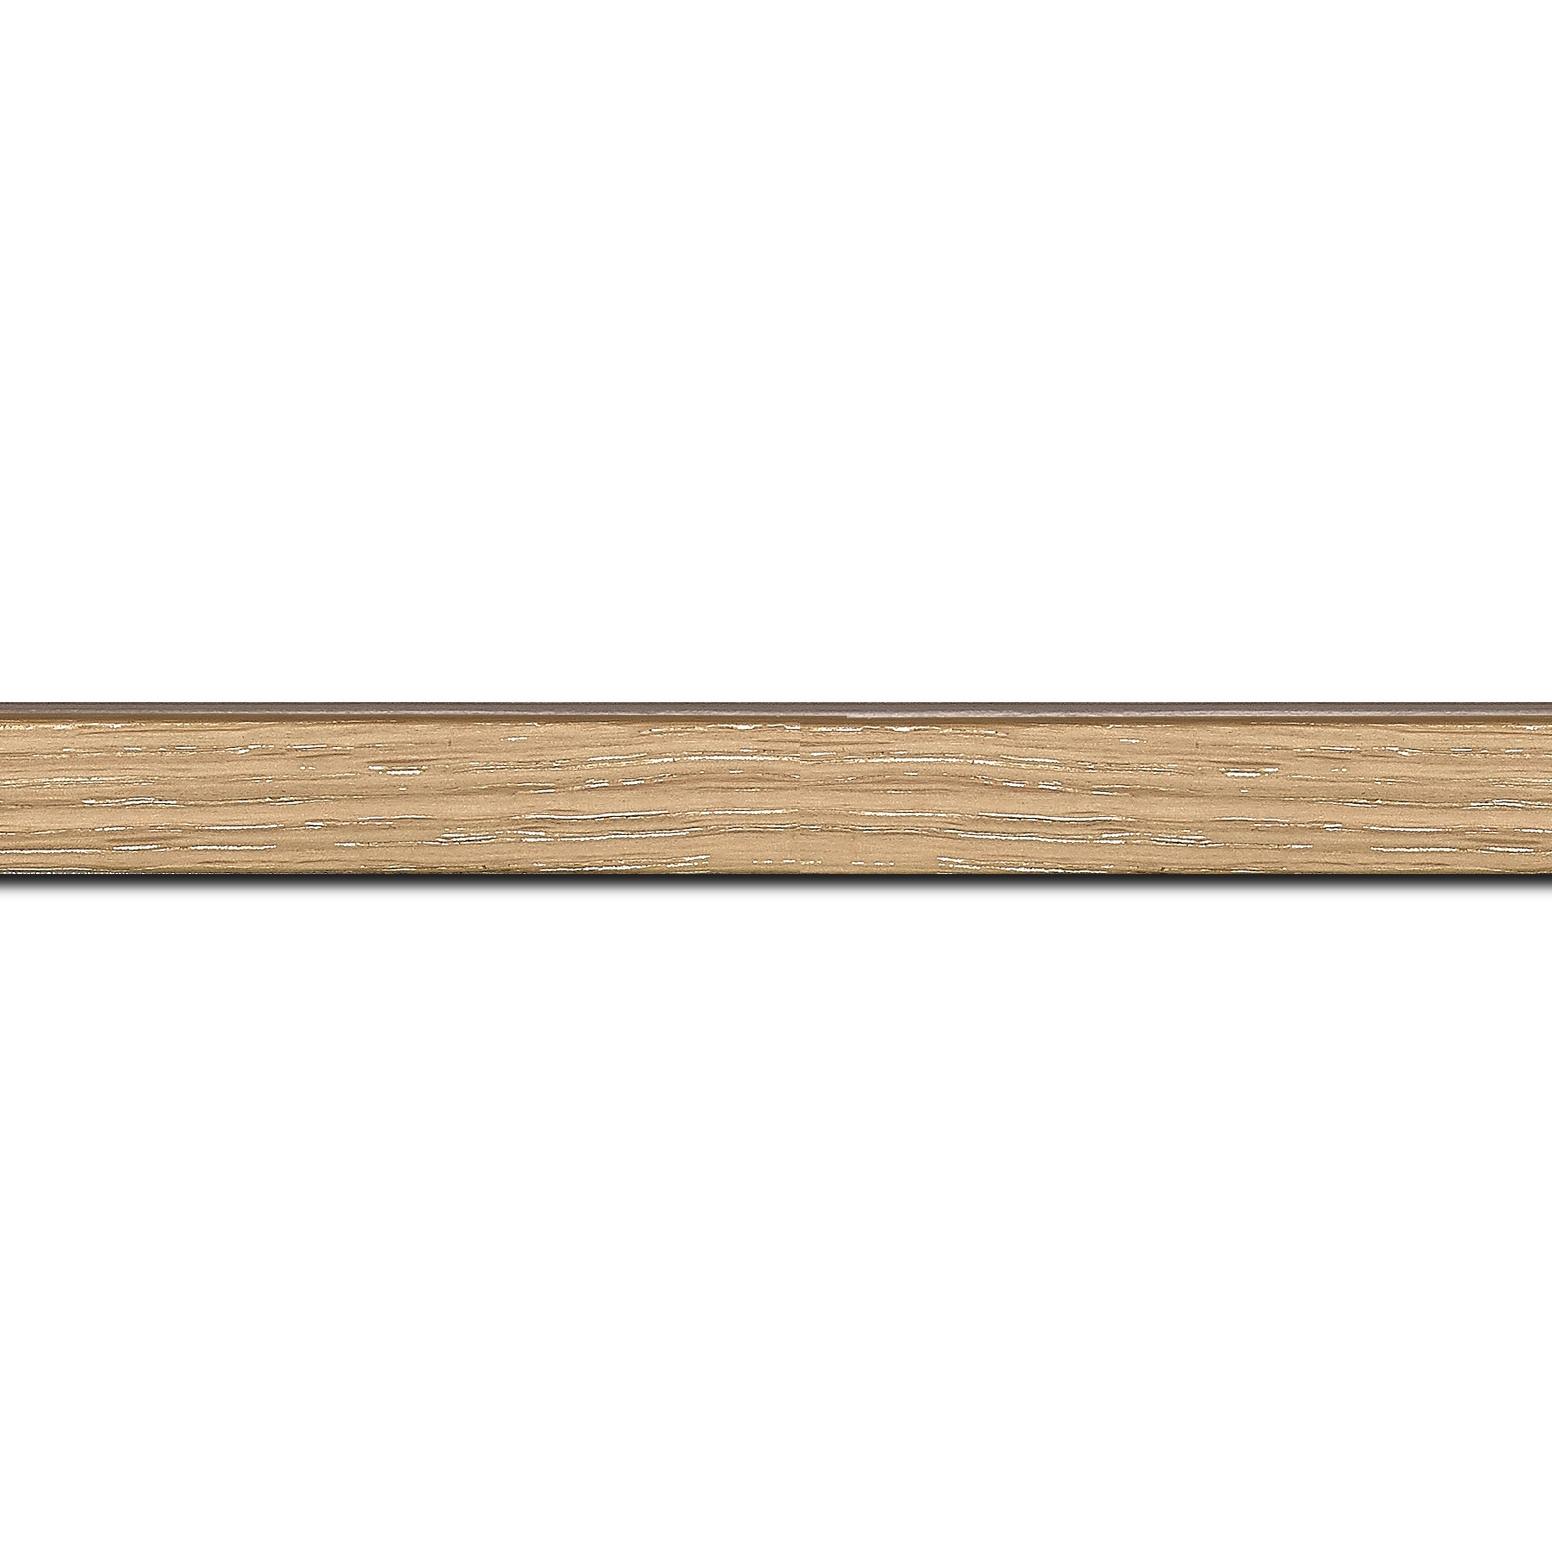 Pack par 12m, bois profil plat largeur 1.5cm  plaquage chêne blanchi haut de gamme(longueur baguette pouvant varier entre 2.40m et 3m selon arrivage des bois)